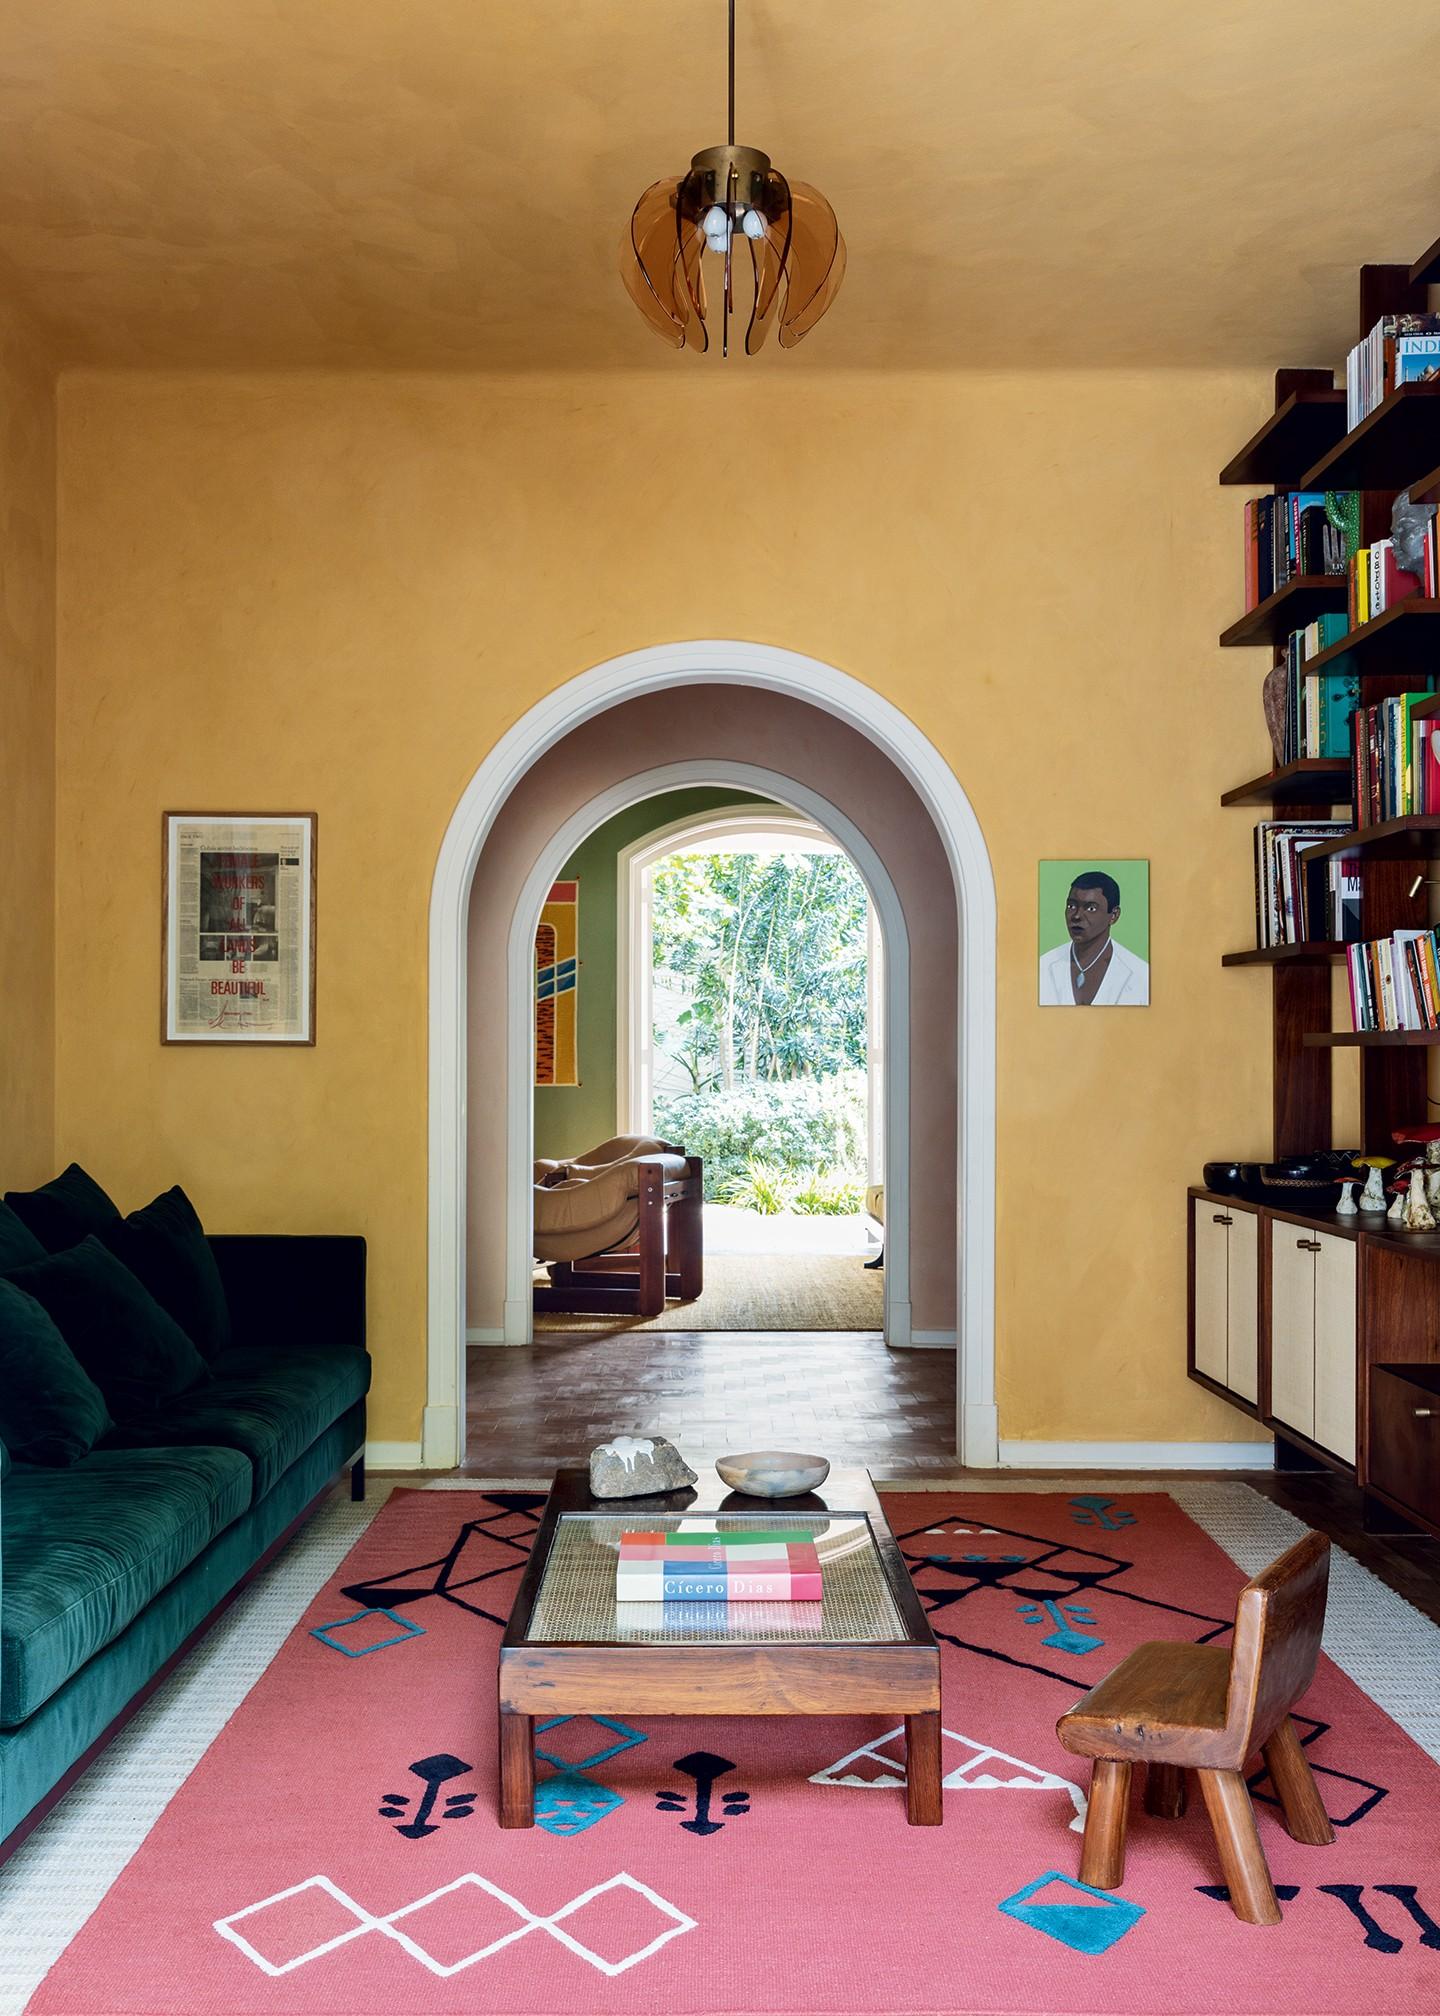 10 fotógrafos de arquitetura que você deveria conhecer (Foto: Ruy Teixeira)